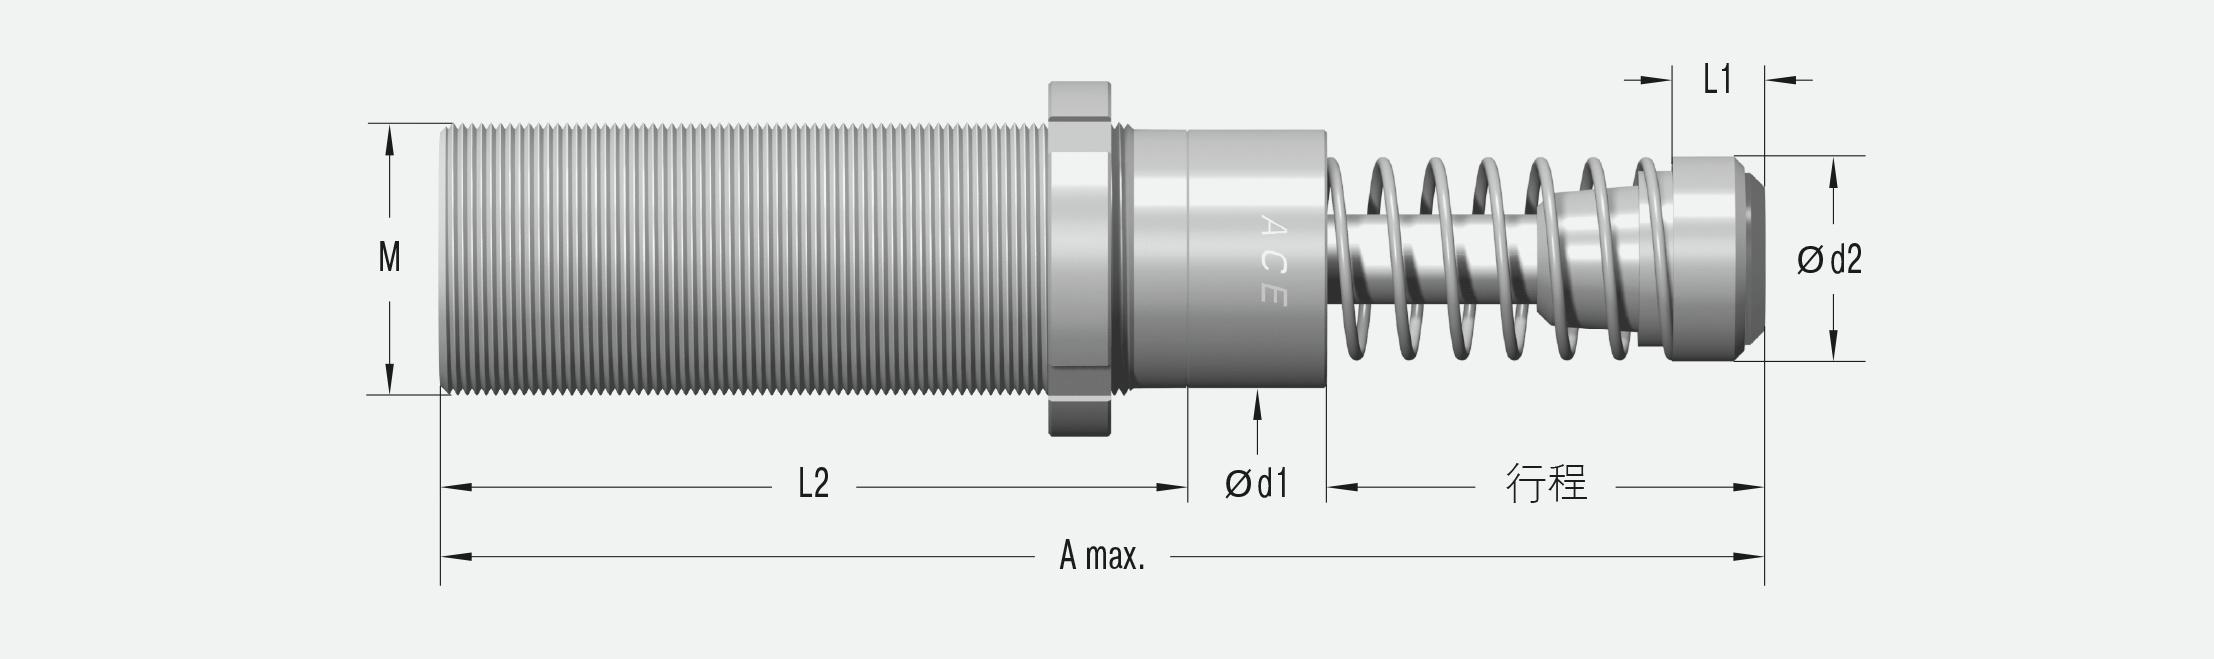 MC4550M-2-V4A